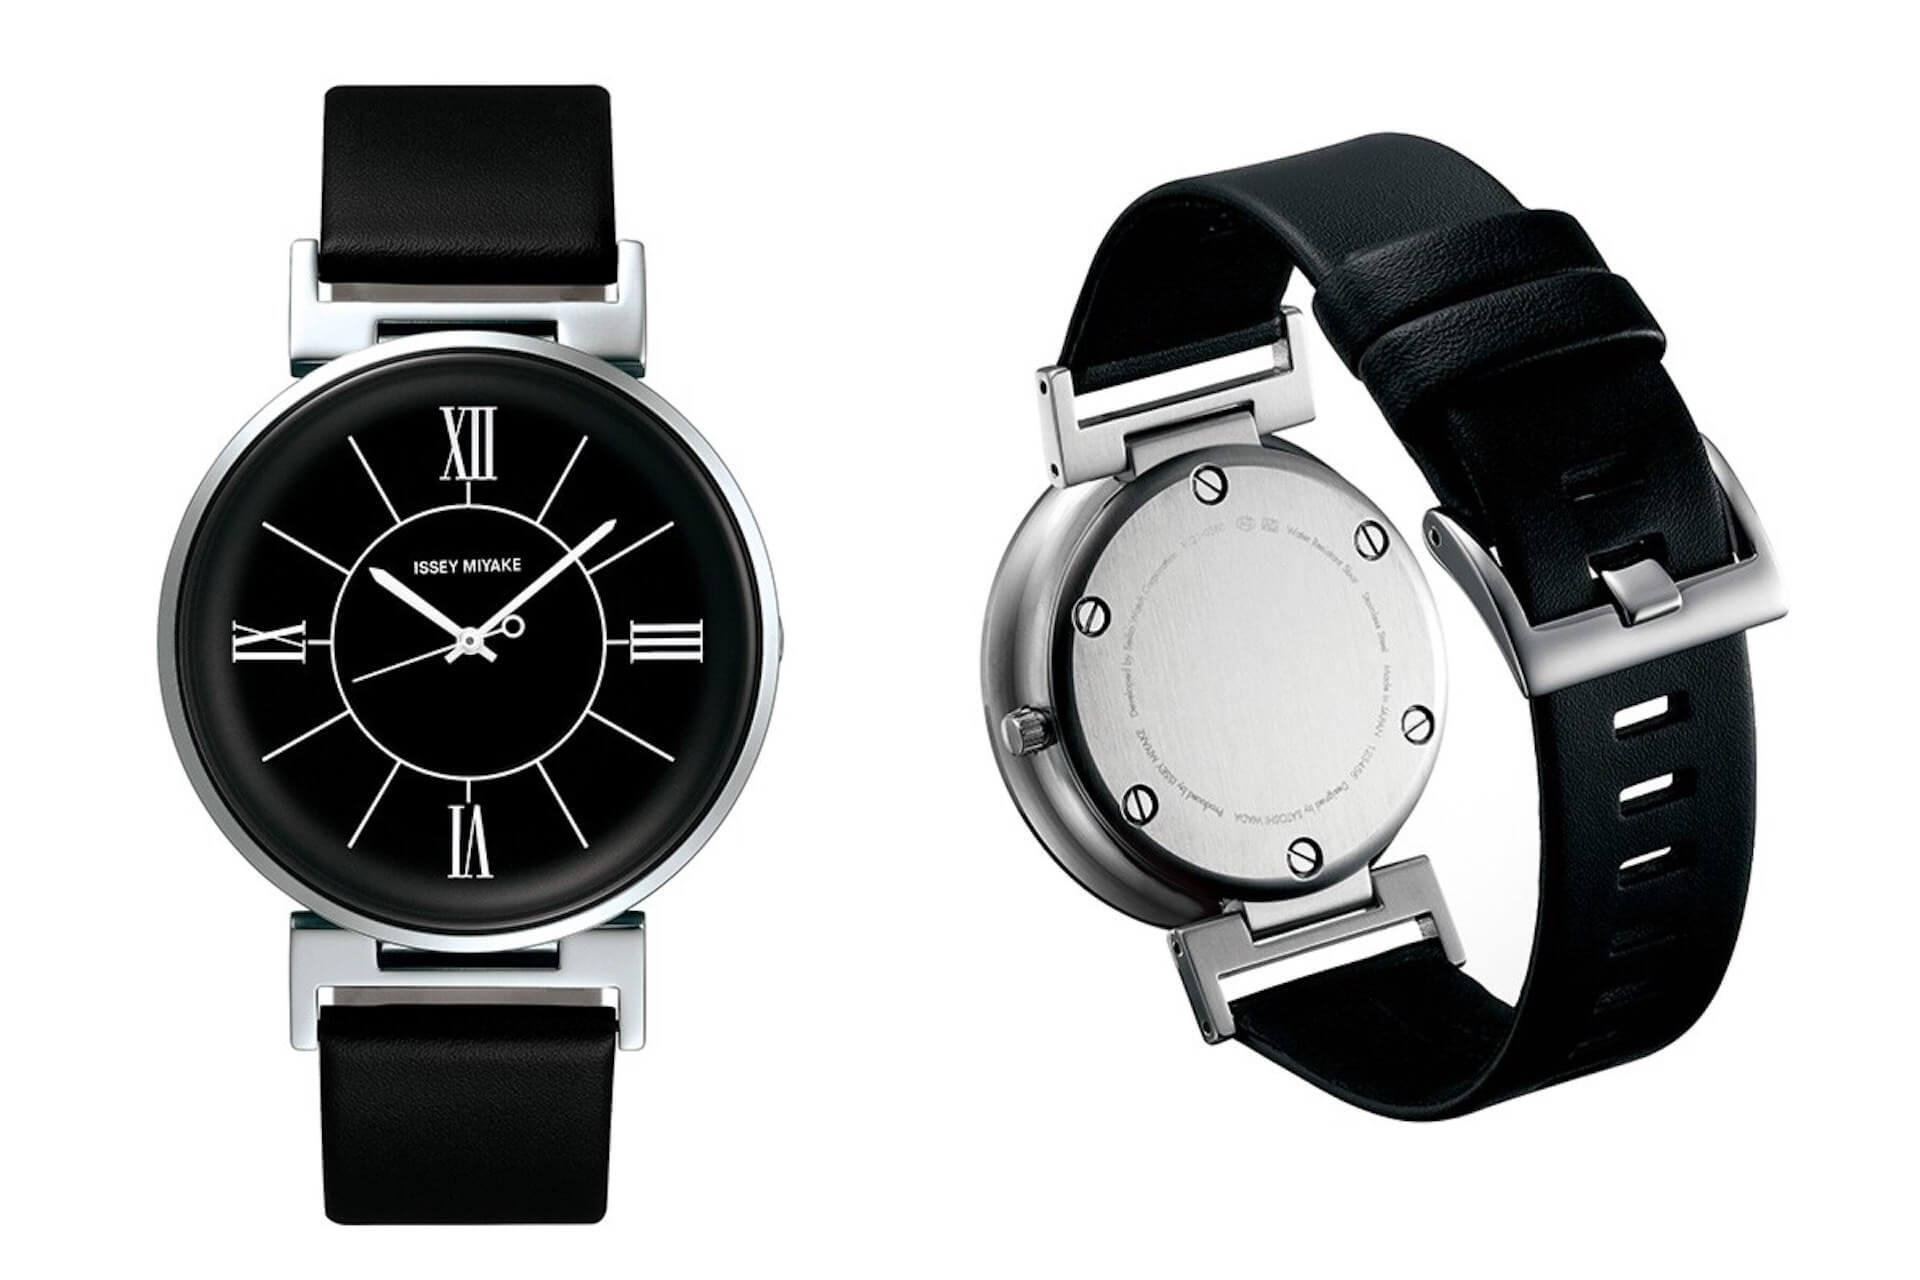 時計ライターがおすすめする、10万円以下で購入できる大人のカジュアルウォッチ8選 tech200612_jeep_watch_4